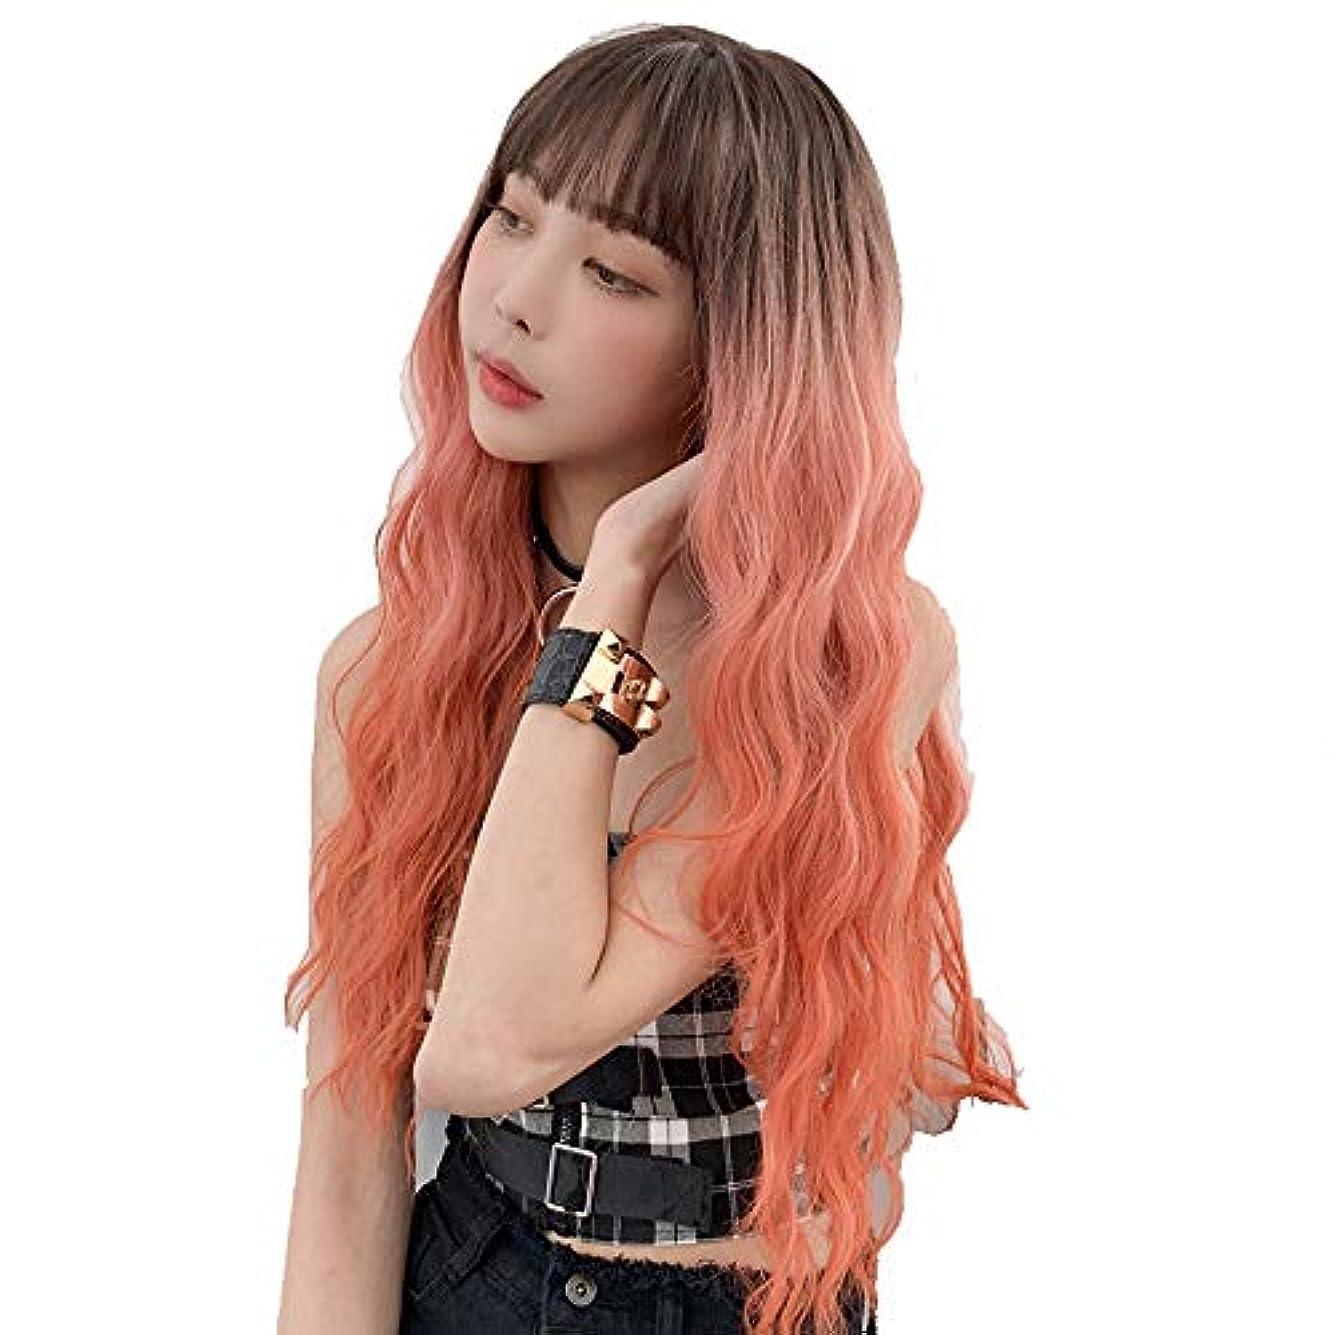 精査するの中で科学的SRY-Wigファッション ファッション波状ロングオレンジウィッグレースフロントバングウィッグ女性用合成レースヘアウィッグ26インチ耐熱コスプレウィッグ